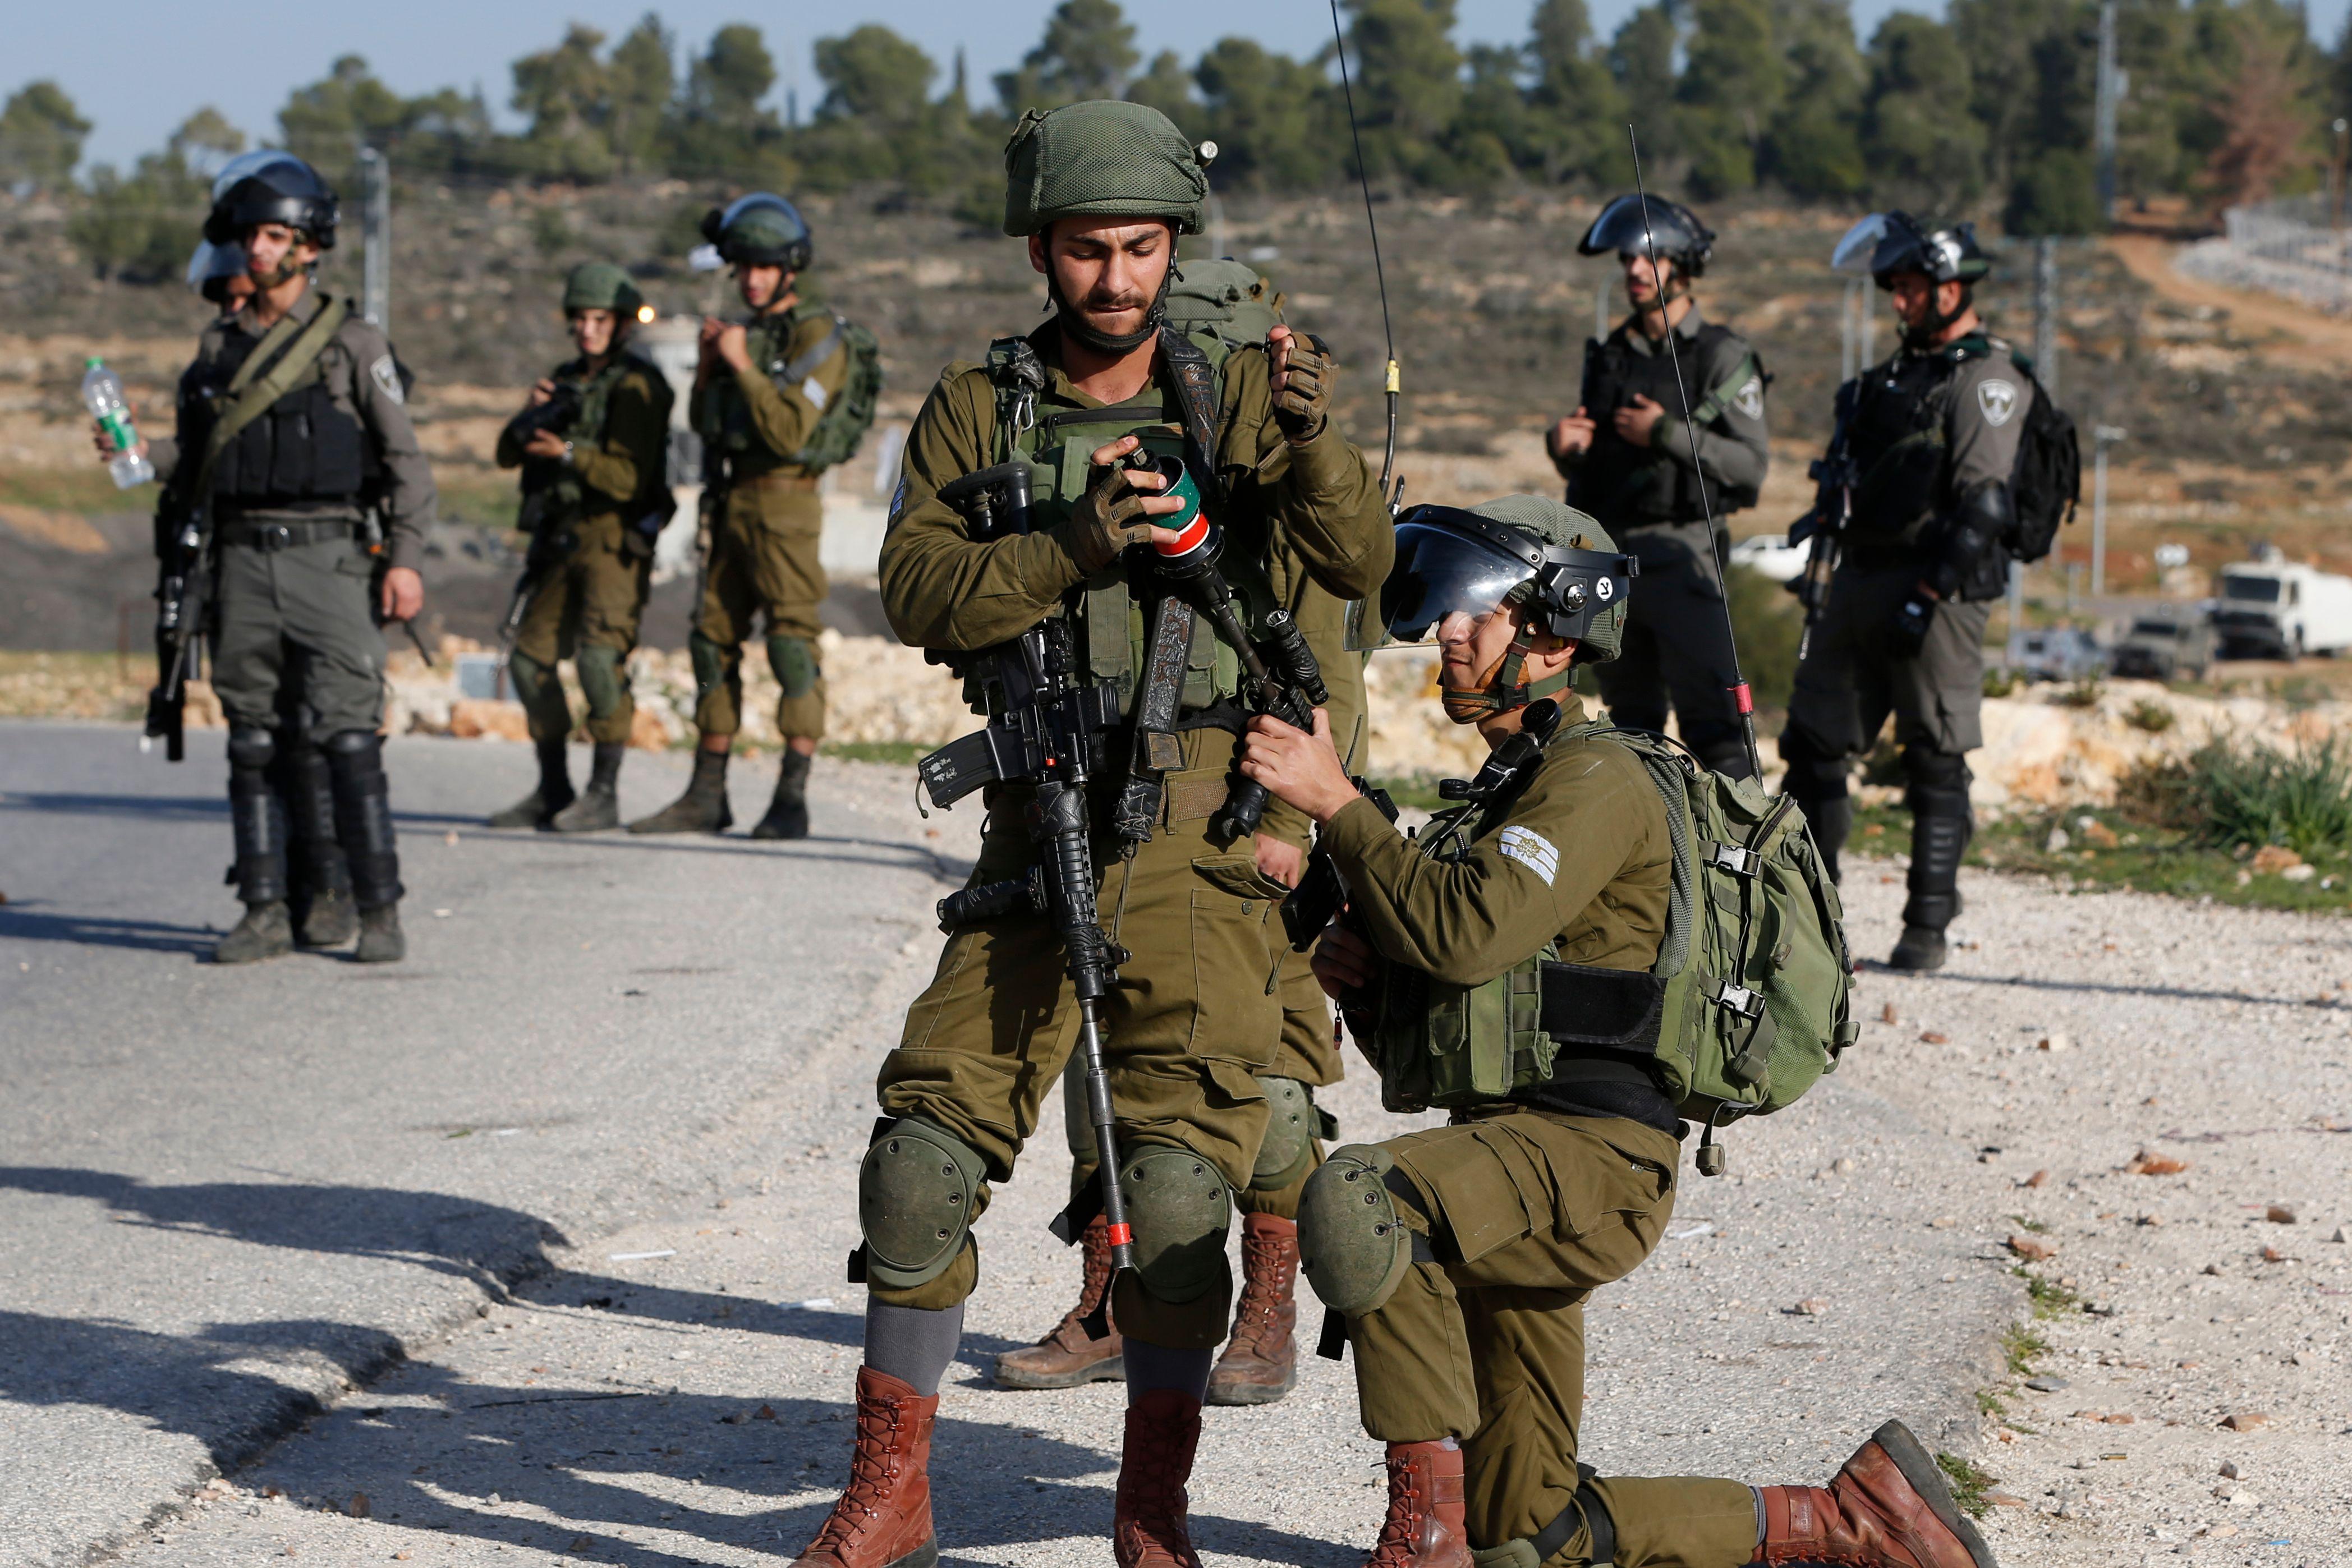 قوات الاحتلال تطلق الغاز والرصاص